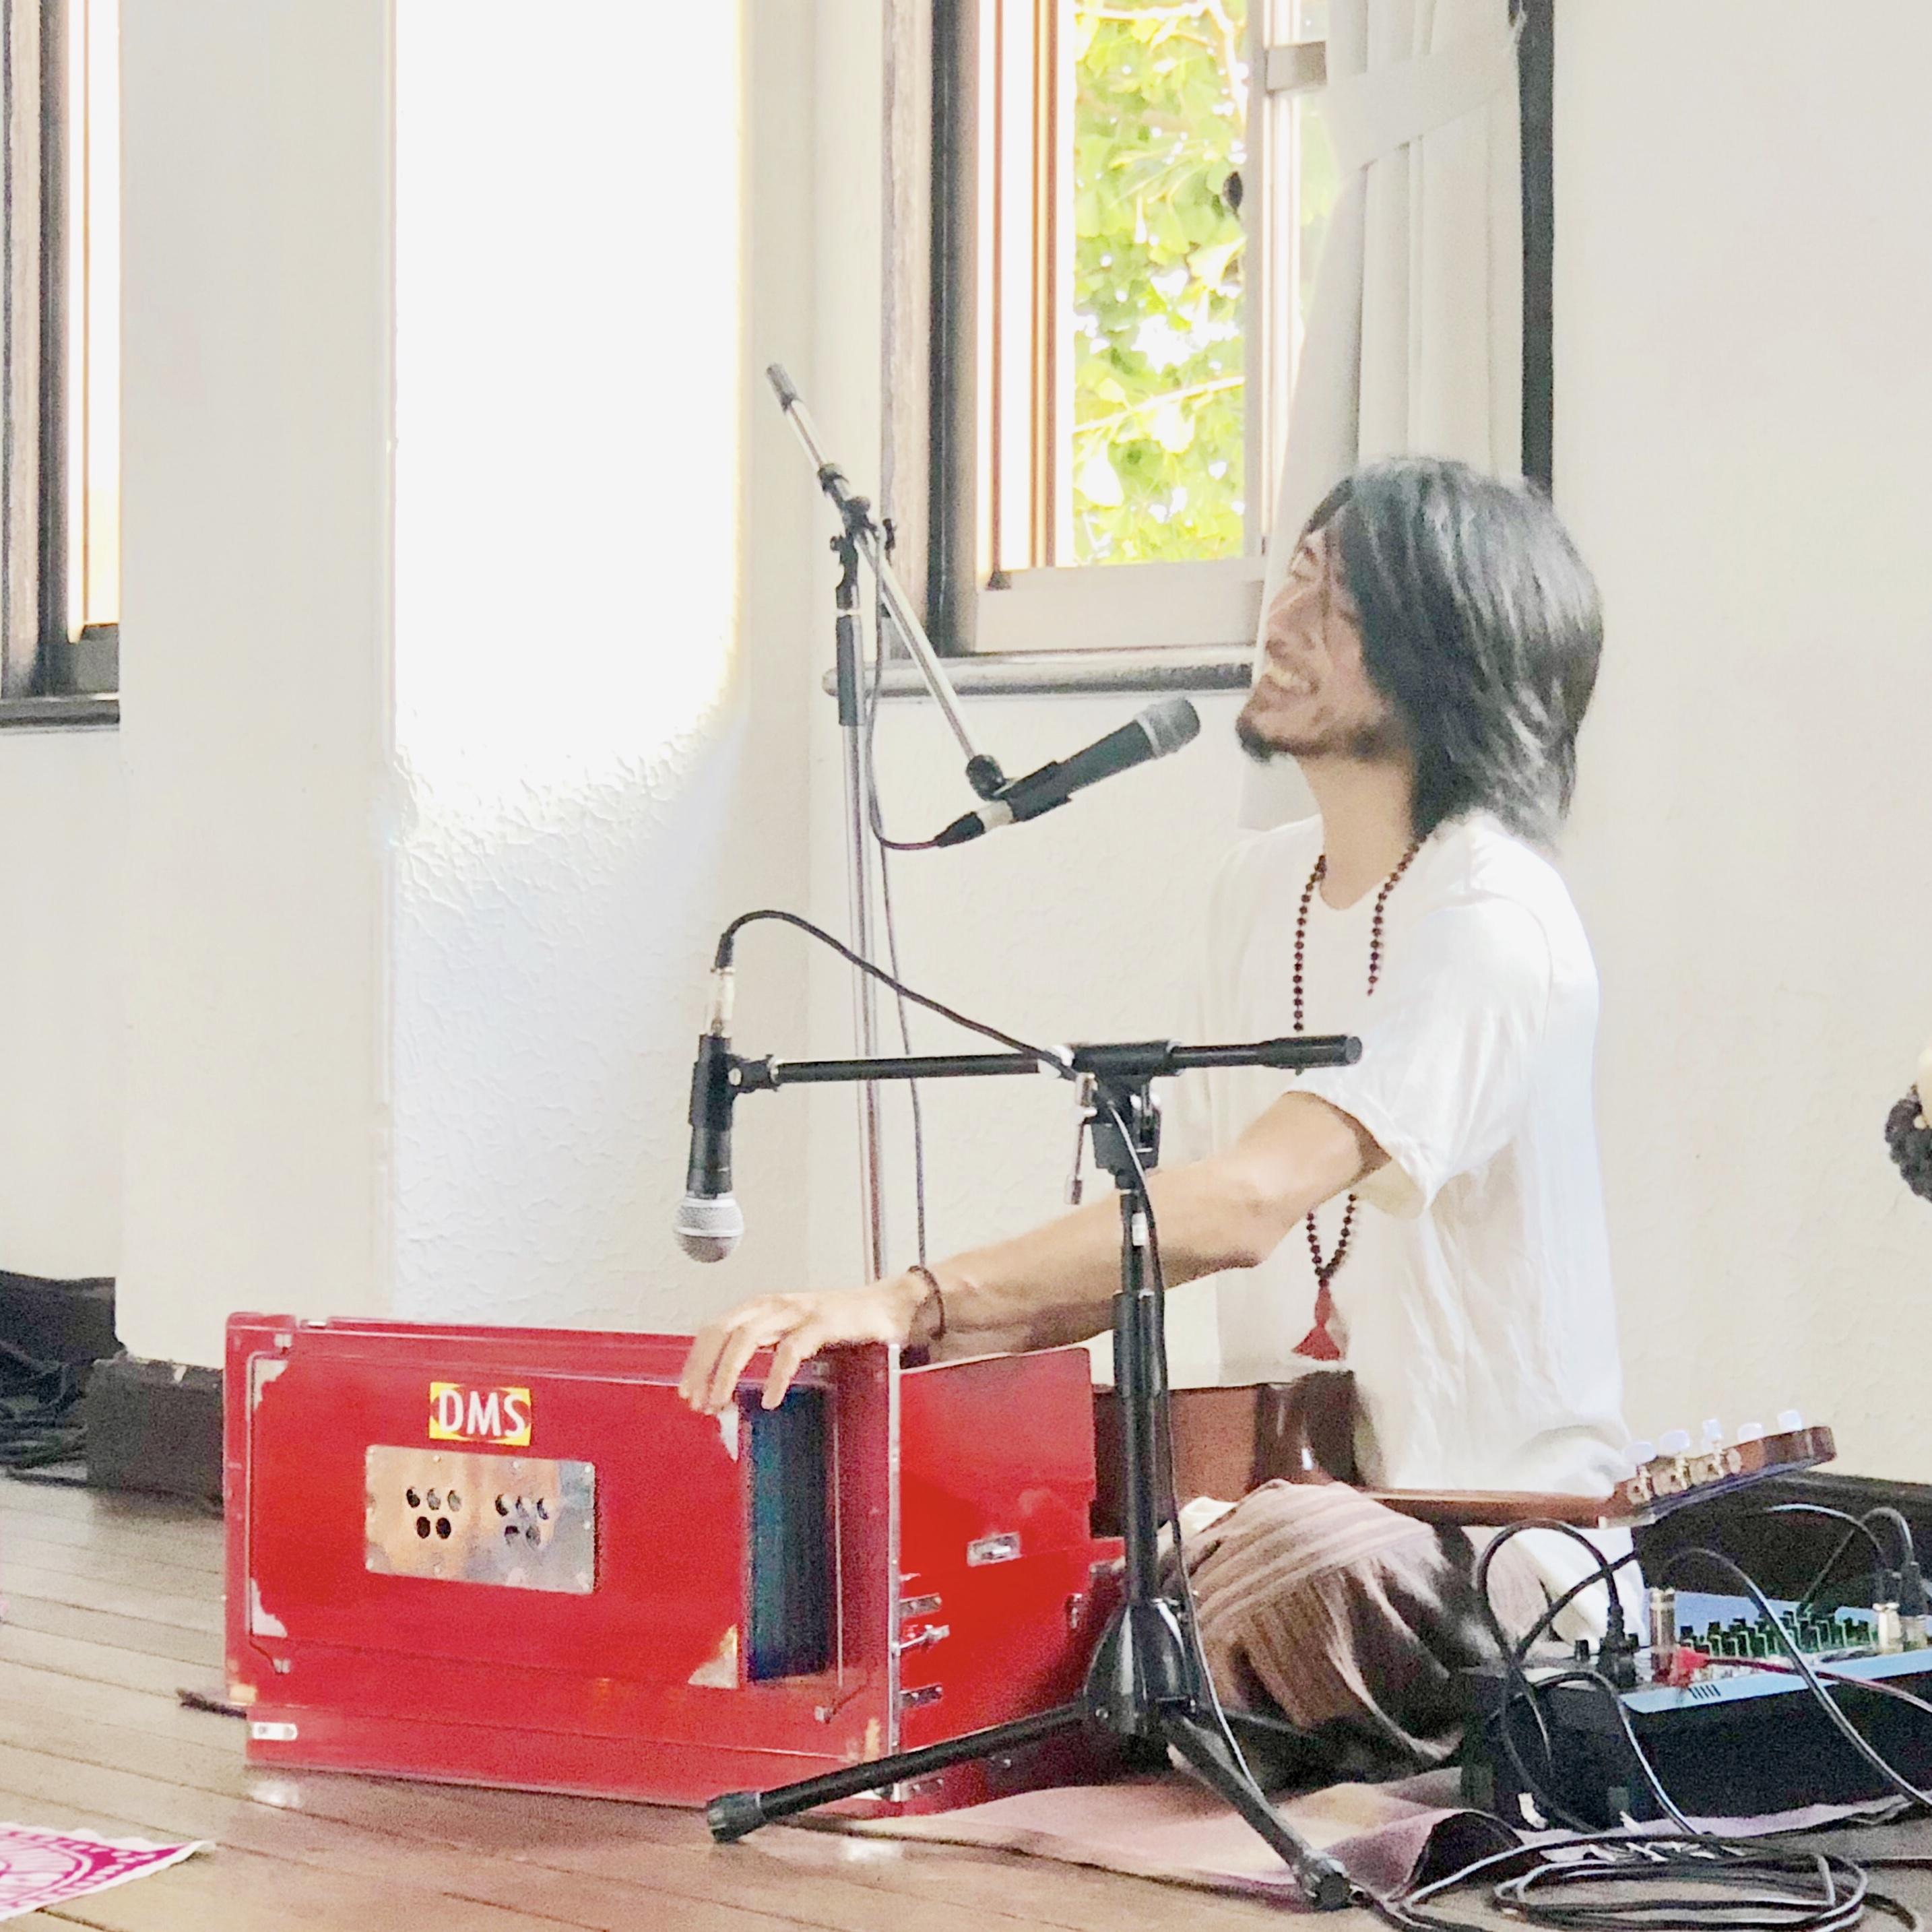 Biotope Yoga Studio 【ビオトープヨガスタジオ】 - うたう♪ヨーガ 堀田義樹 KIRTANの写真3